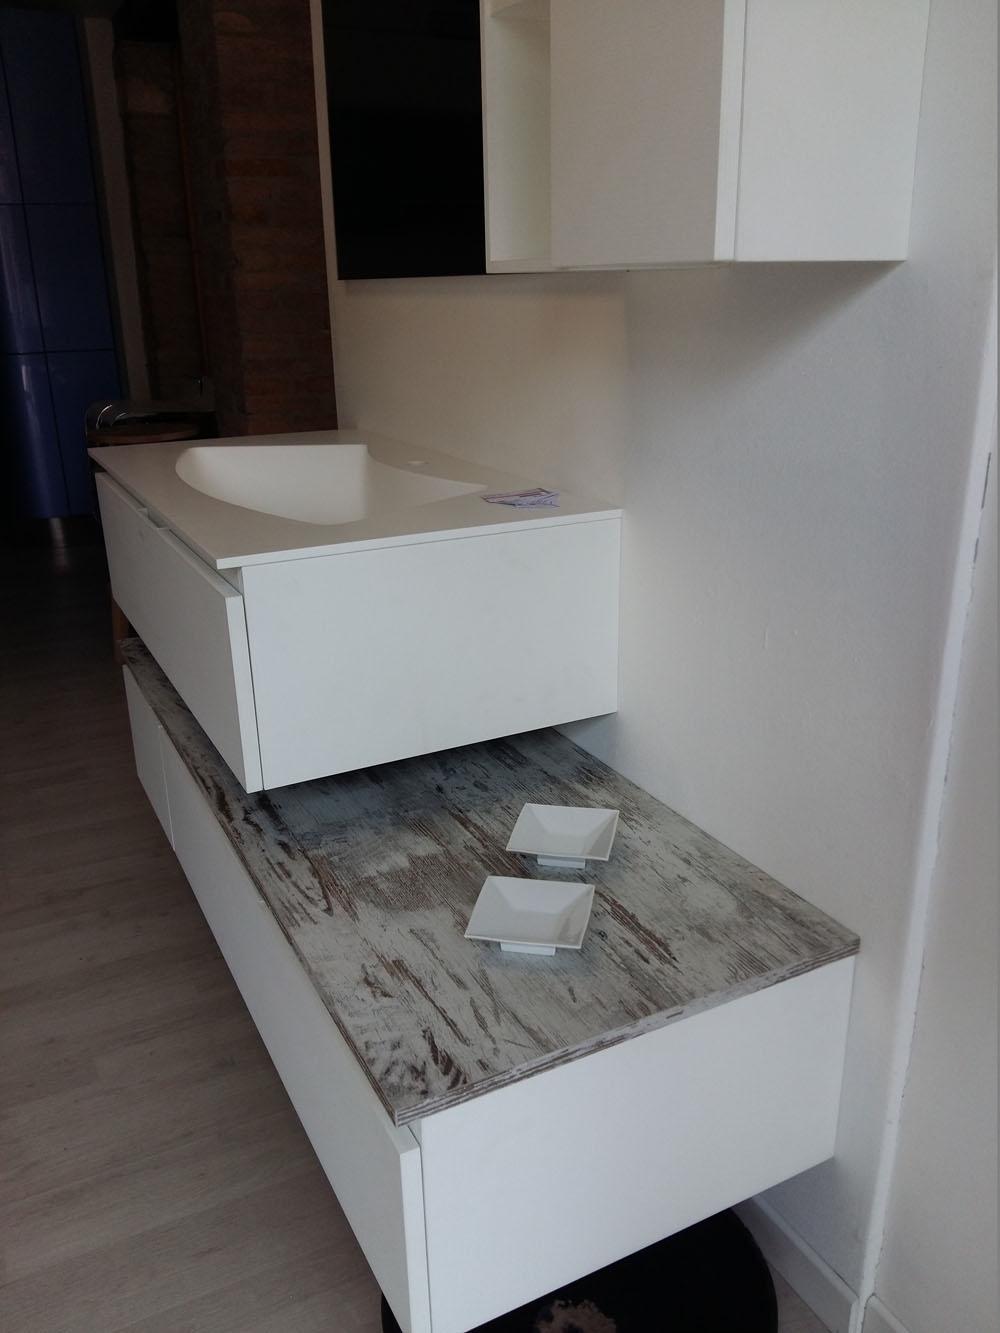 Mobile bagno bianco arteba scontato del 52 arredo bagno for Arredo bagno bianco